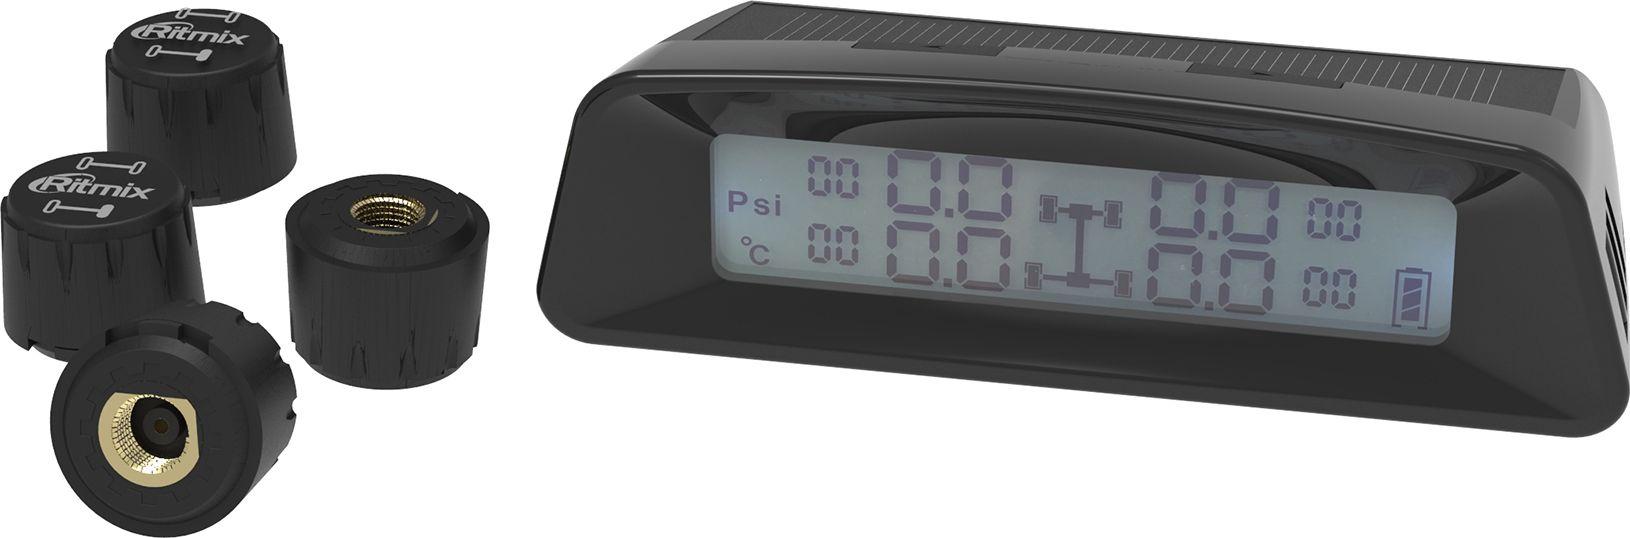 Ritmix RTM-401 датчик контроля давления15119306Система контроля давления в шинах - это настоящий автомобильный помощник! Ritmix RTM-401 поможет просто и без проблем проверить давление в шинах и температуру.Система контроля осуществляет автоматический мониторинг указанных параметров. Для того, чтобы не упустить ничего важного, в ряде случаев (в частности при резком изменении хотя бы одного показателя) прибор издает звуковой сигнал. Мониторинг температуры/давления в шинах осуществляется в режиме реального времени. Беспроводная система контроля давления в шинах Ritmix RTM-401, контроль давления в шинах и термпературы, 4 датчика давления/температуры, панель с черно-белым дисплеем, вес датчика 7гр, силиконовый коврик